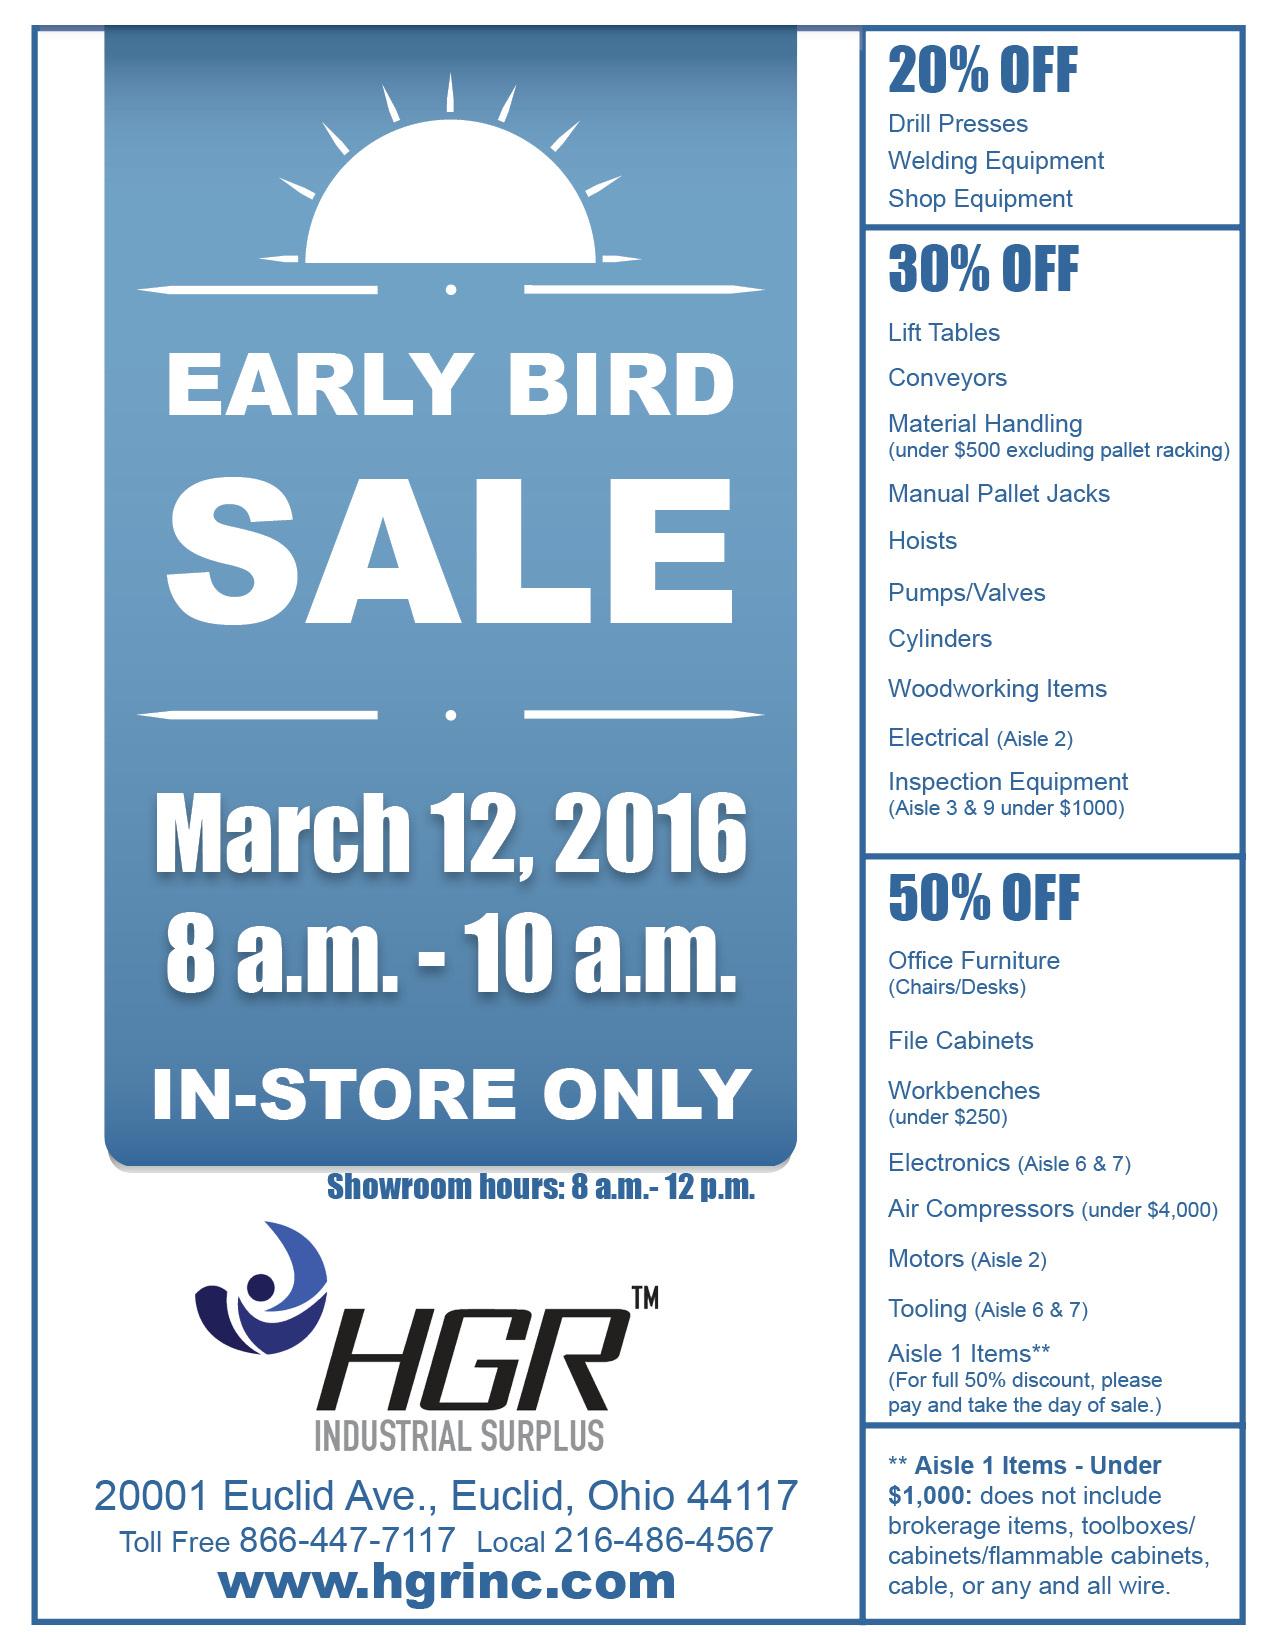 Early Bird Sale, März 12